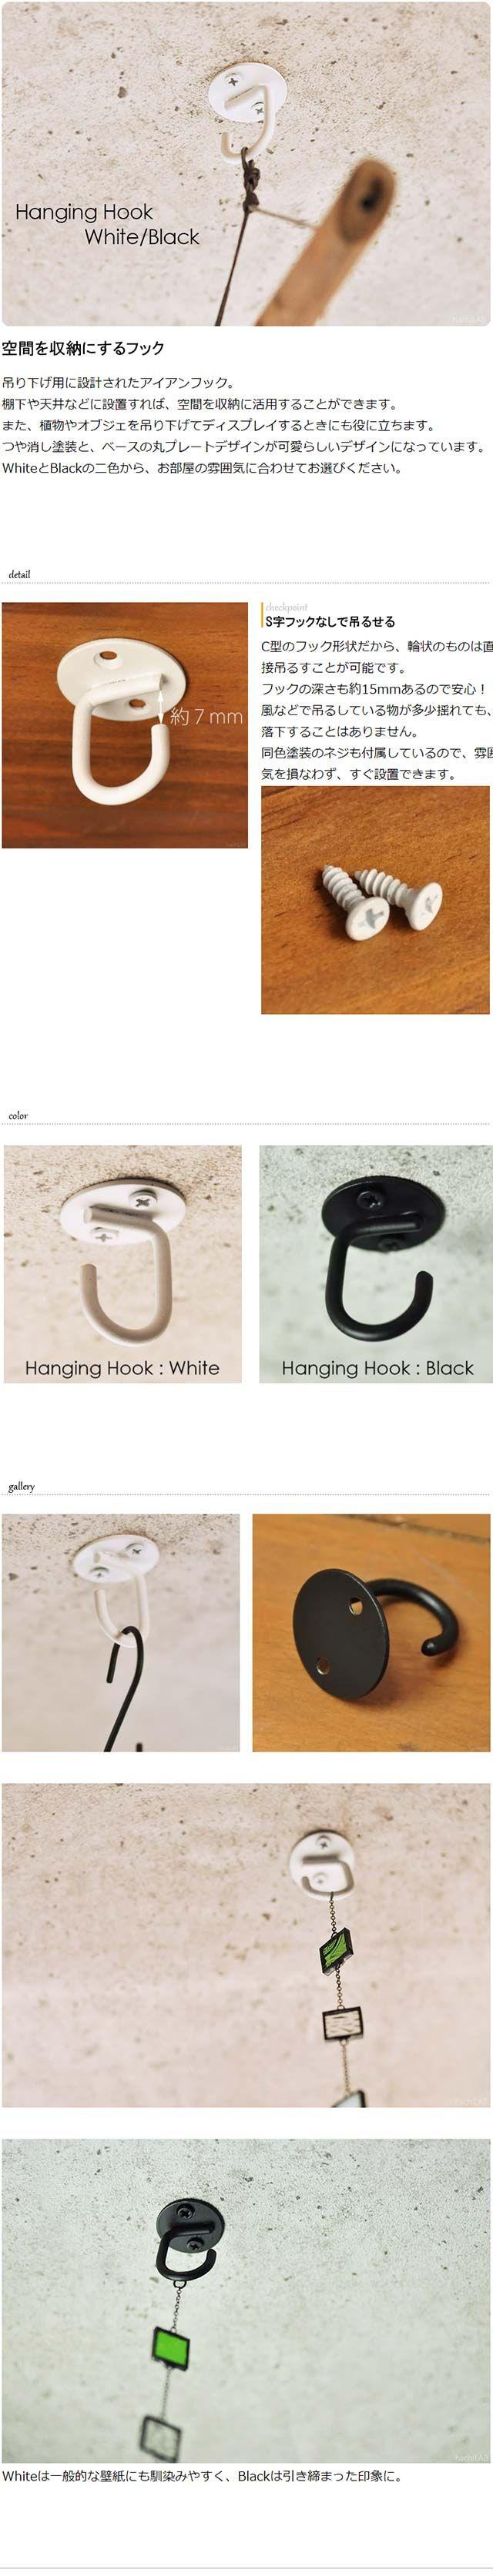 楽天市場 アイアン ハンギングフック White Black Open型 吊り金具 園芸 収納 メール便発送可 くらしたのしもう屋 吊り金具 クローゼット 収納 園芸